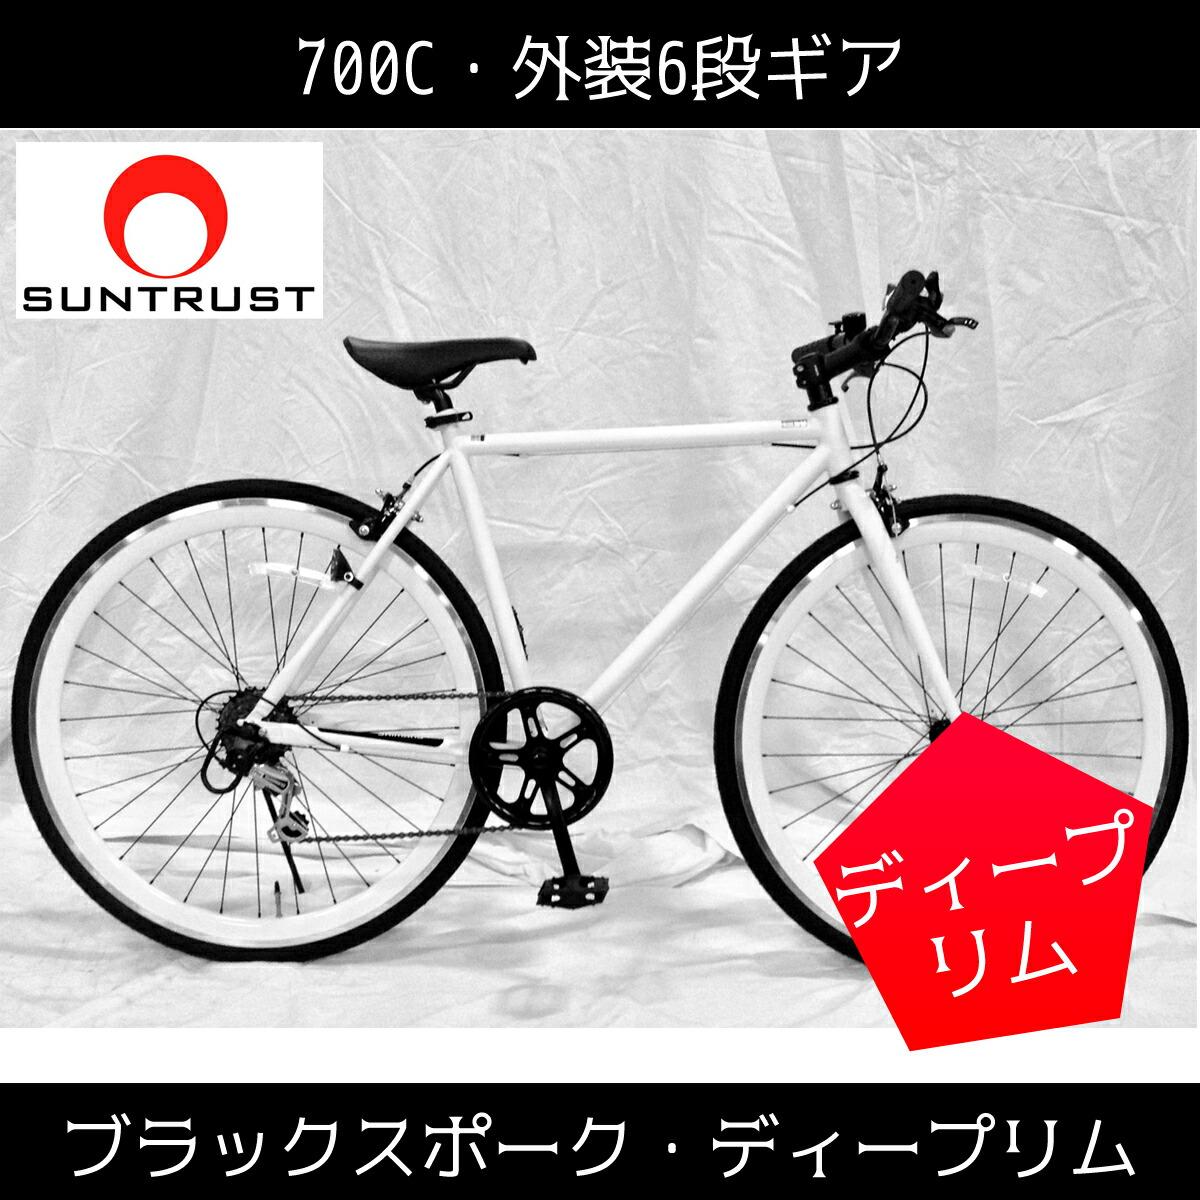 【最大21倍!エントリで! 楽天スーパーSALE】<関東限定特別価格>自転車 かっこいい クロスバイク 白 ホワイト SUNTRUST サントラスト ブラックスポーク ディープリム 6段ギア クロスバイク 700c 自転車 クロスバイク 送料無料